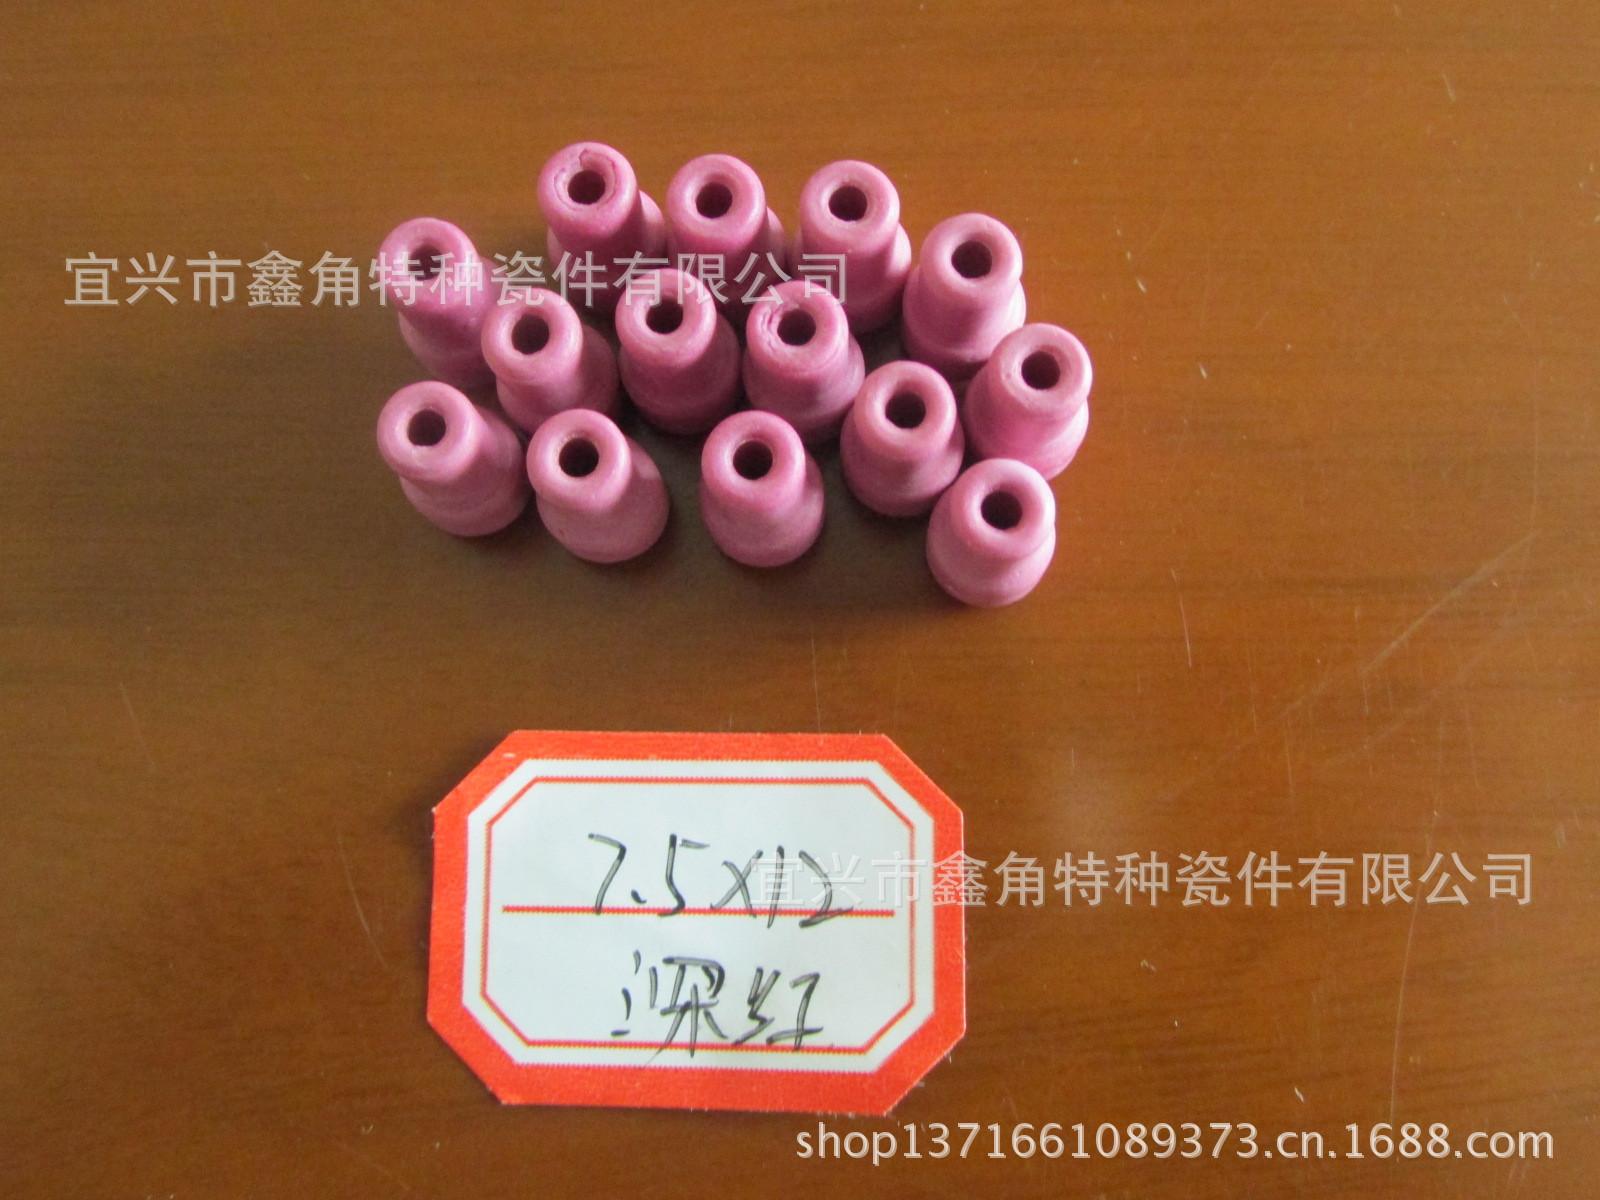 各类特种陶瓷 高频绝缘陶瓷 绝缘装置陶瓷 不容易腐坏